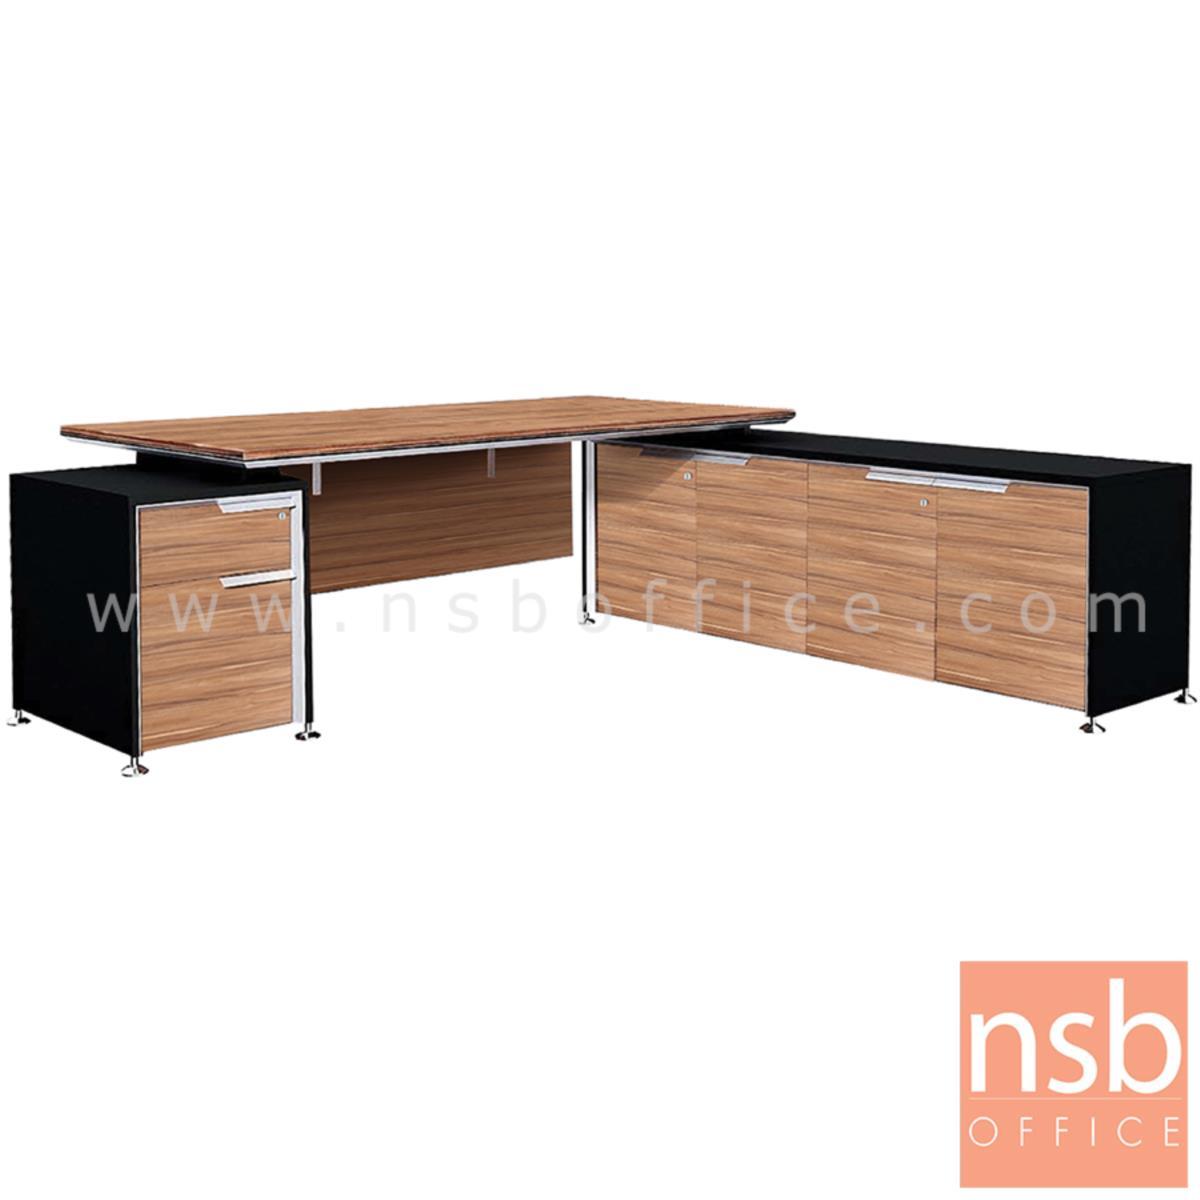 โต๊ะผู้บริหารตัวแอล 2 ลิ้นชัก รุ่น Mystique (มิสทีค) ขนาด 225W cm.  พร้อมตู้ข้างลิ้นชัก สีวอลนัทตัดดำ